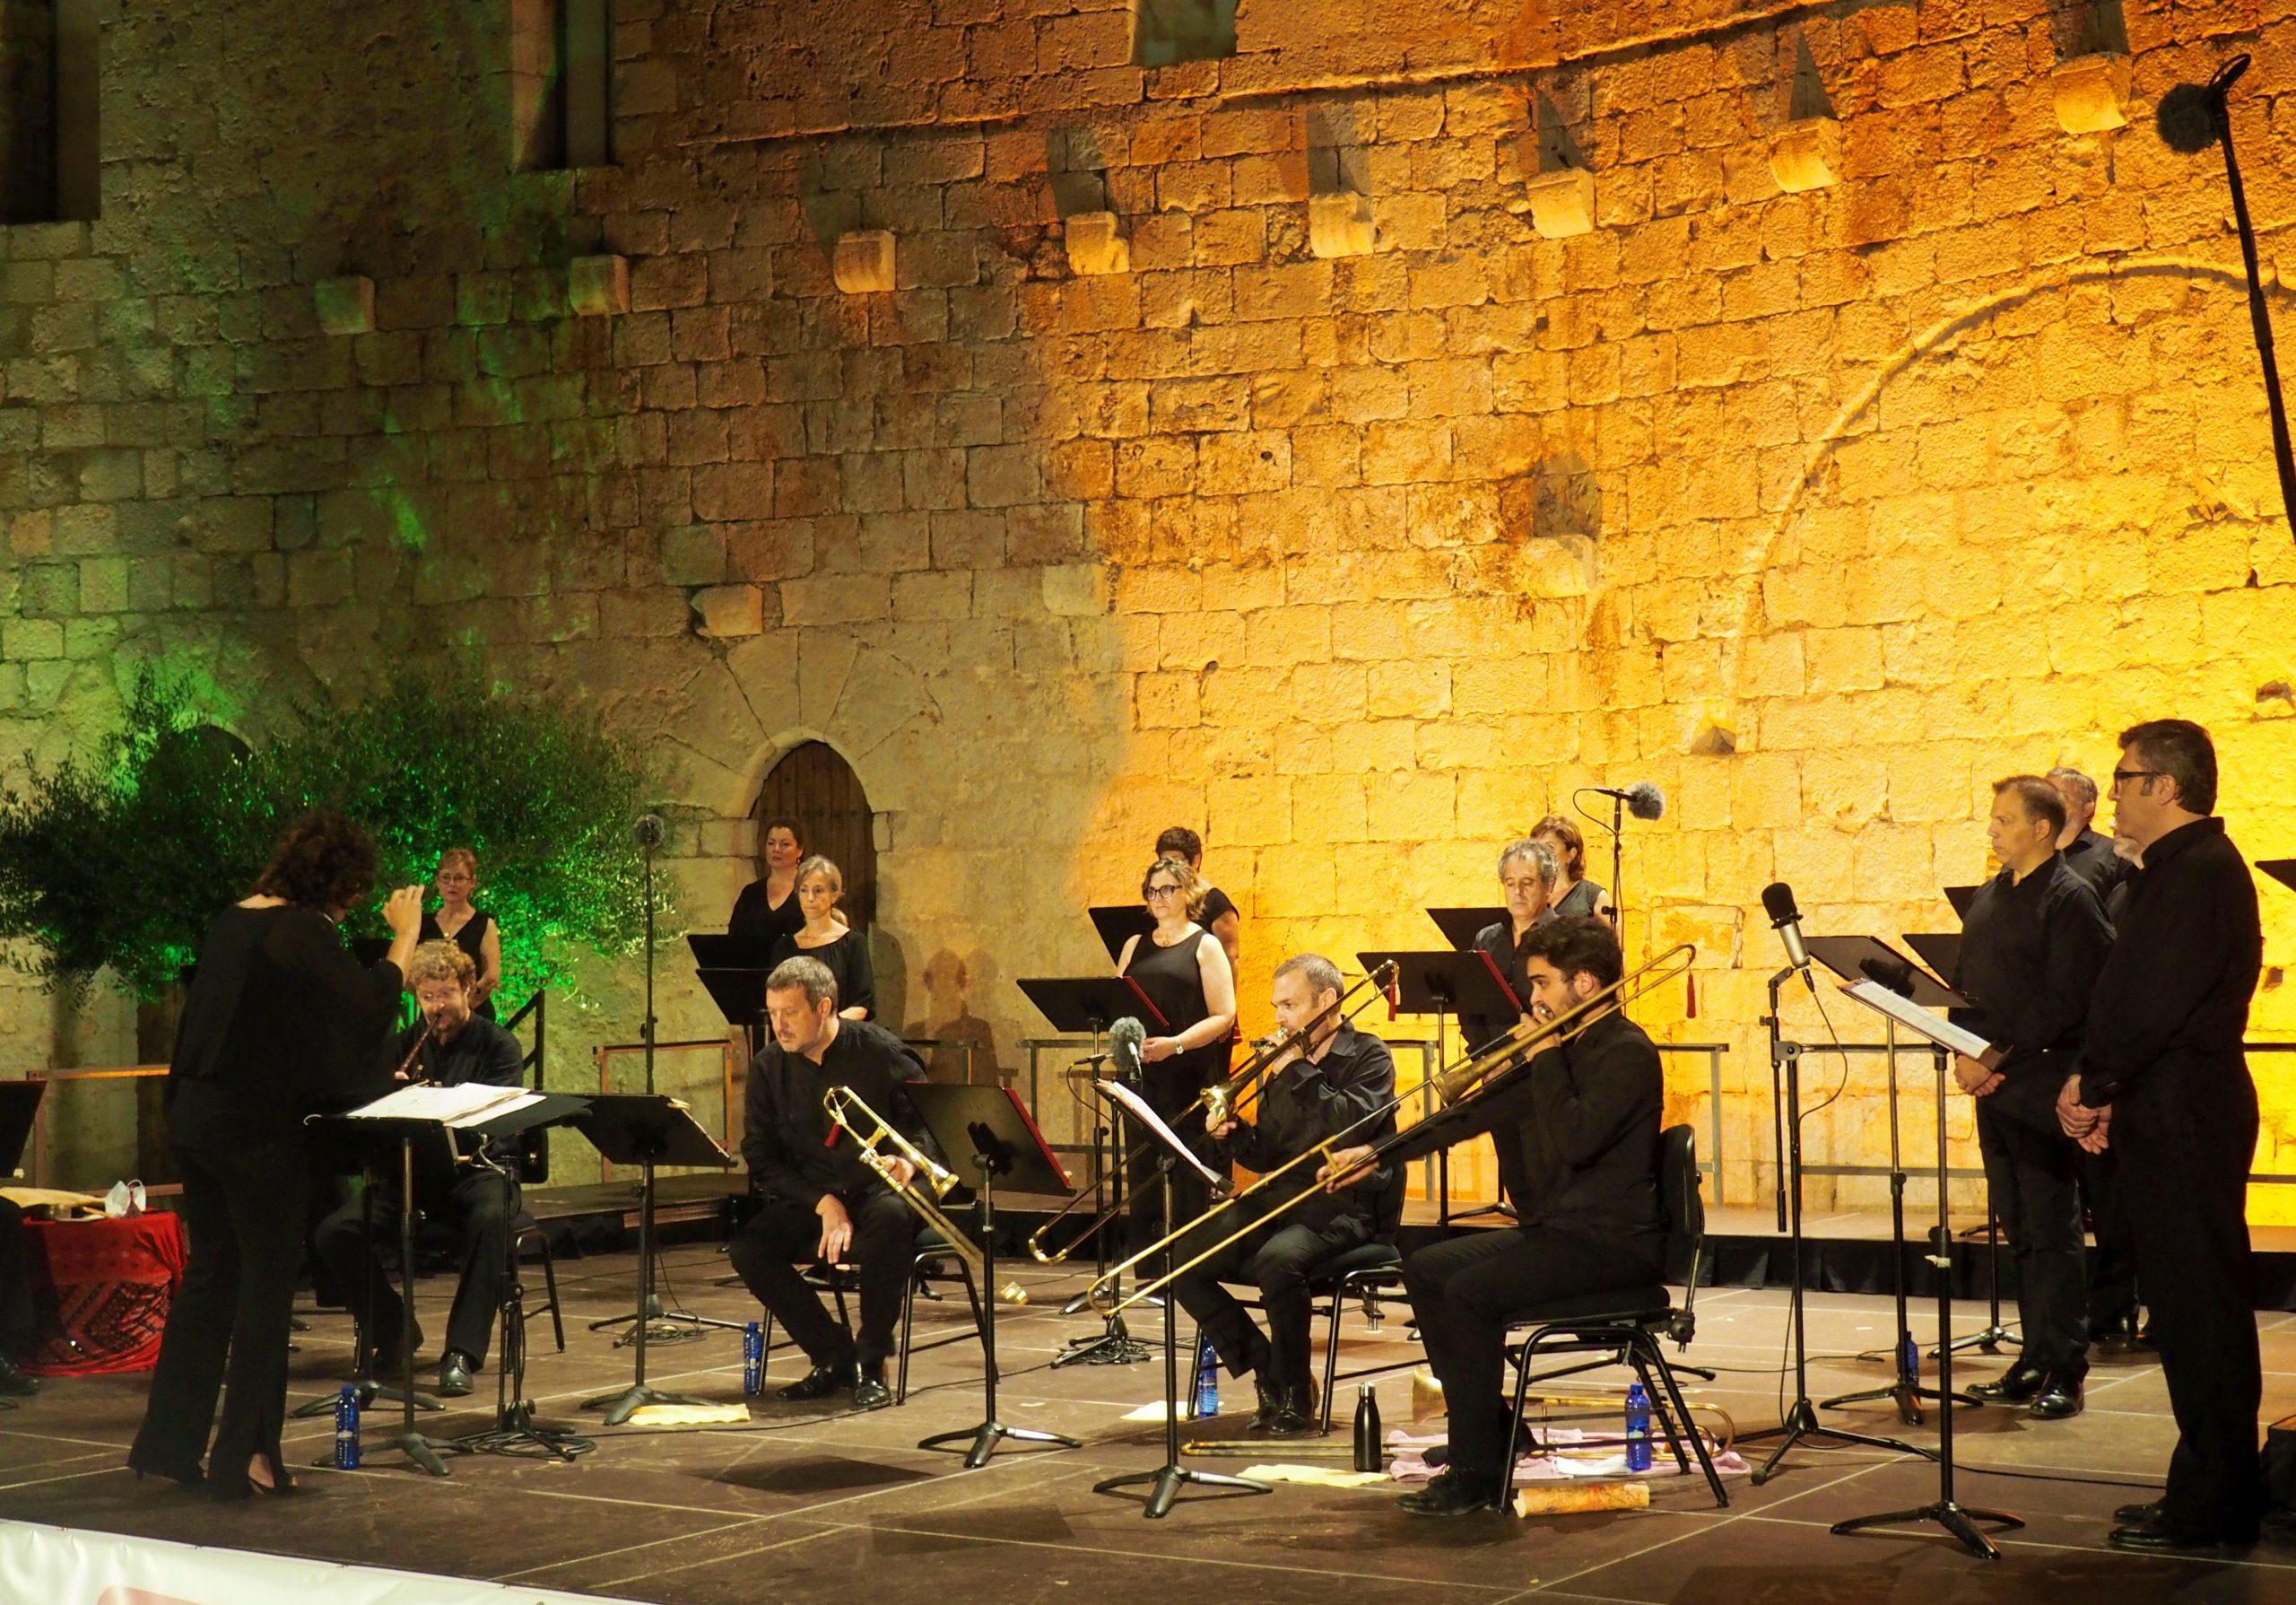 El Coro de la Generalitat Valenciana y Harmonia del Parnás inauguran el XXV Festival Internacional de Música Antigua y Barroca de Peñíscola